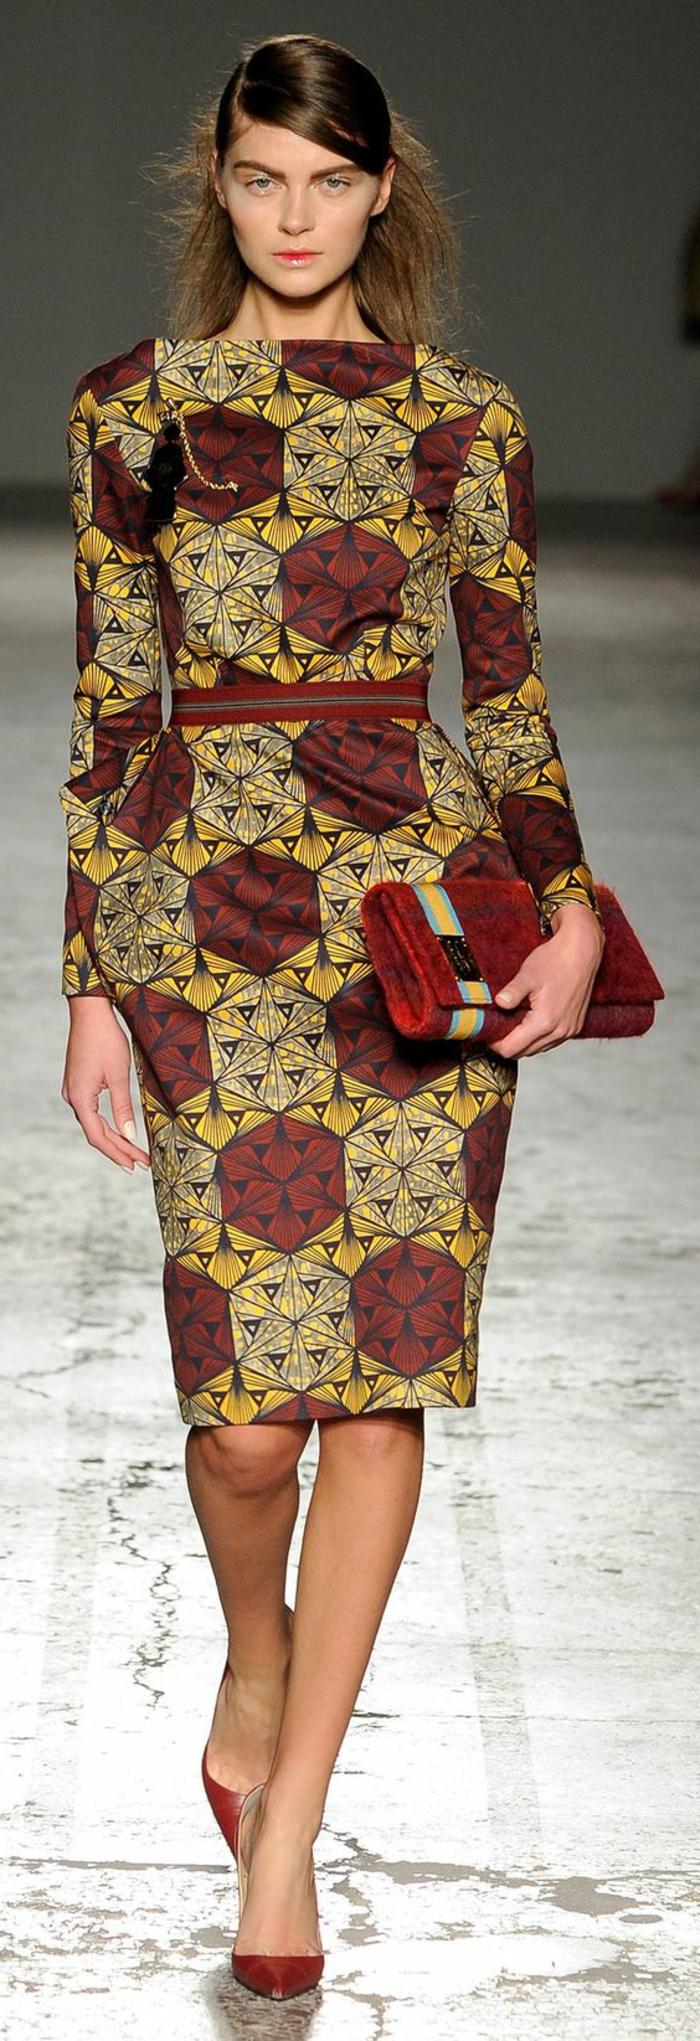 Tessuti africani di colore rosso e giallo, abito tubino con cintura in vita, borsetta clutch per la mano